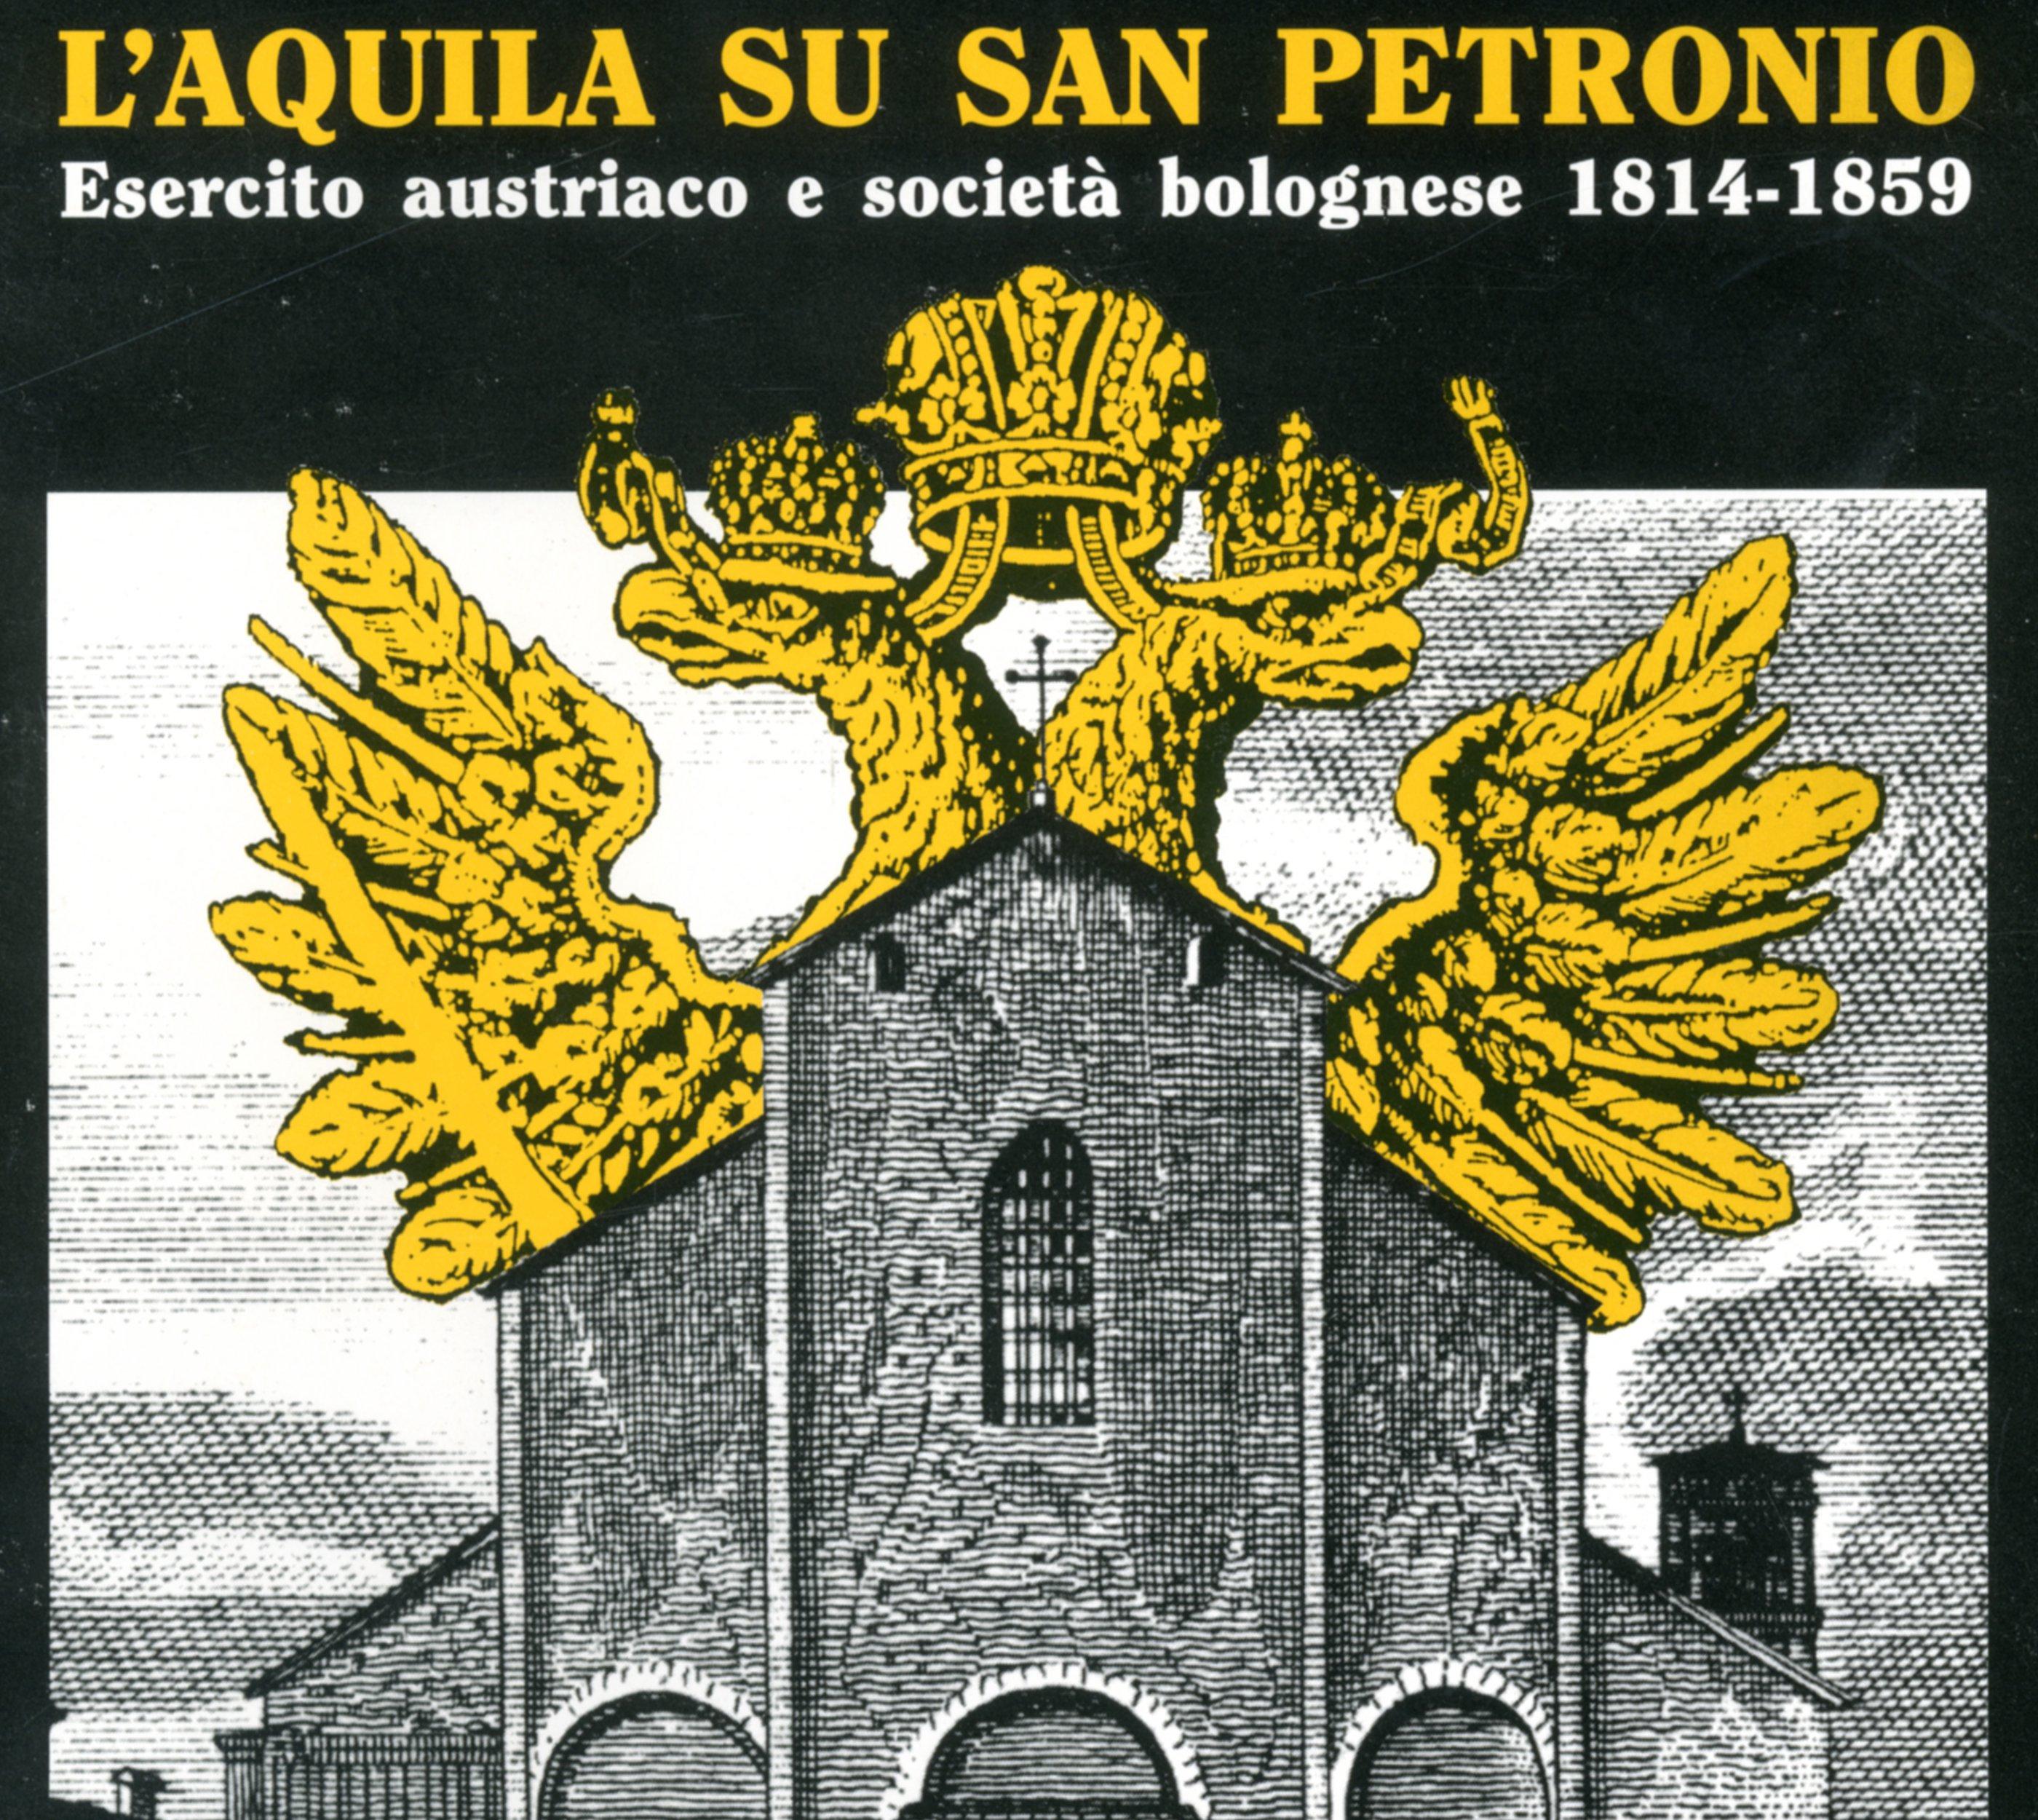 L' aquila su San Petronio. Esercito austriaco e società bolognese. 1814-1859, 1995